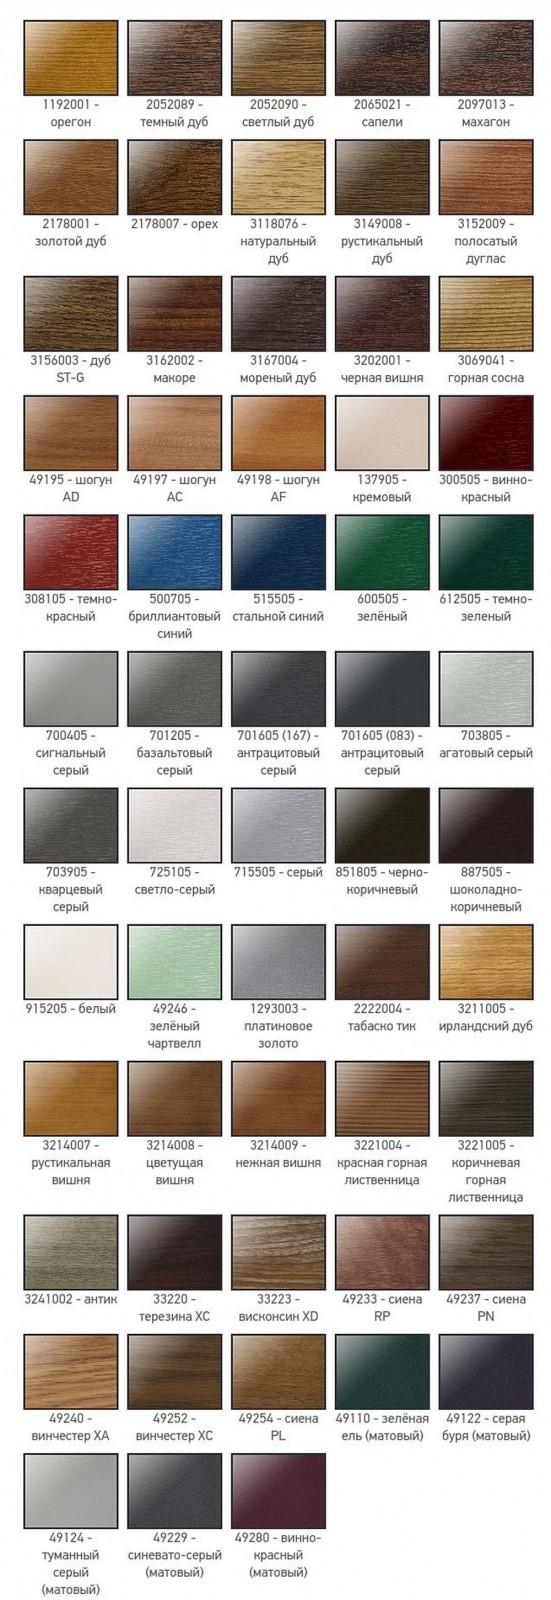 Как подобрать цвет пластиковых окон?